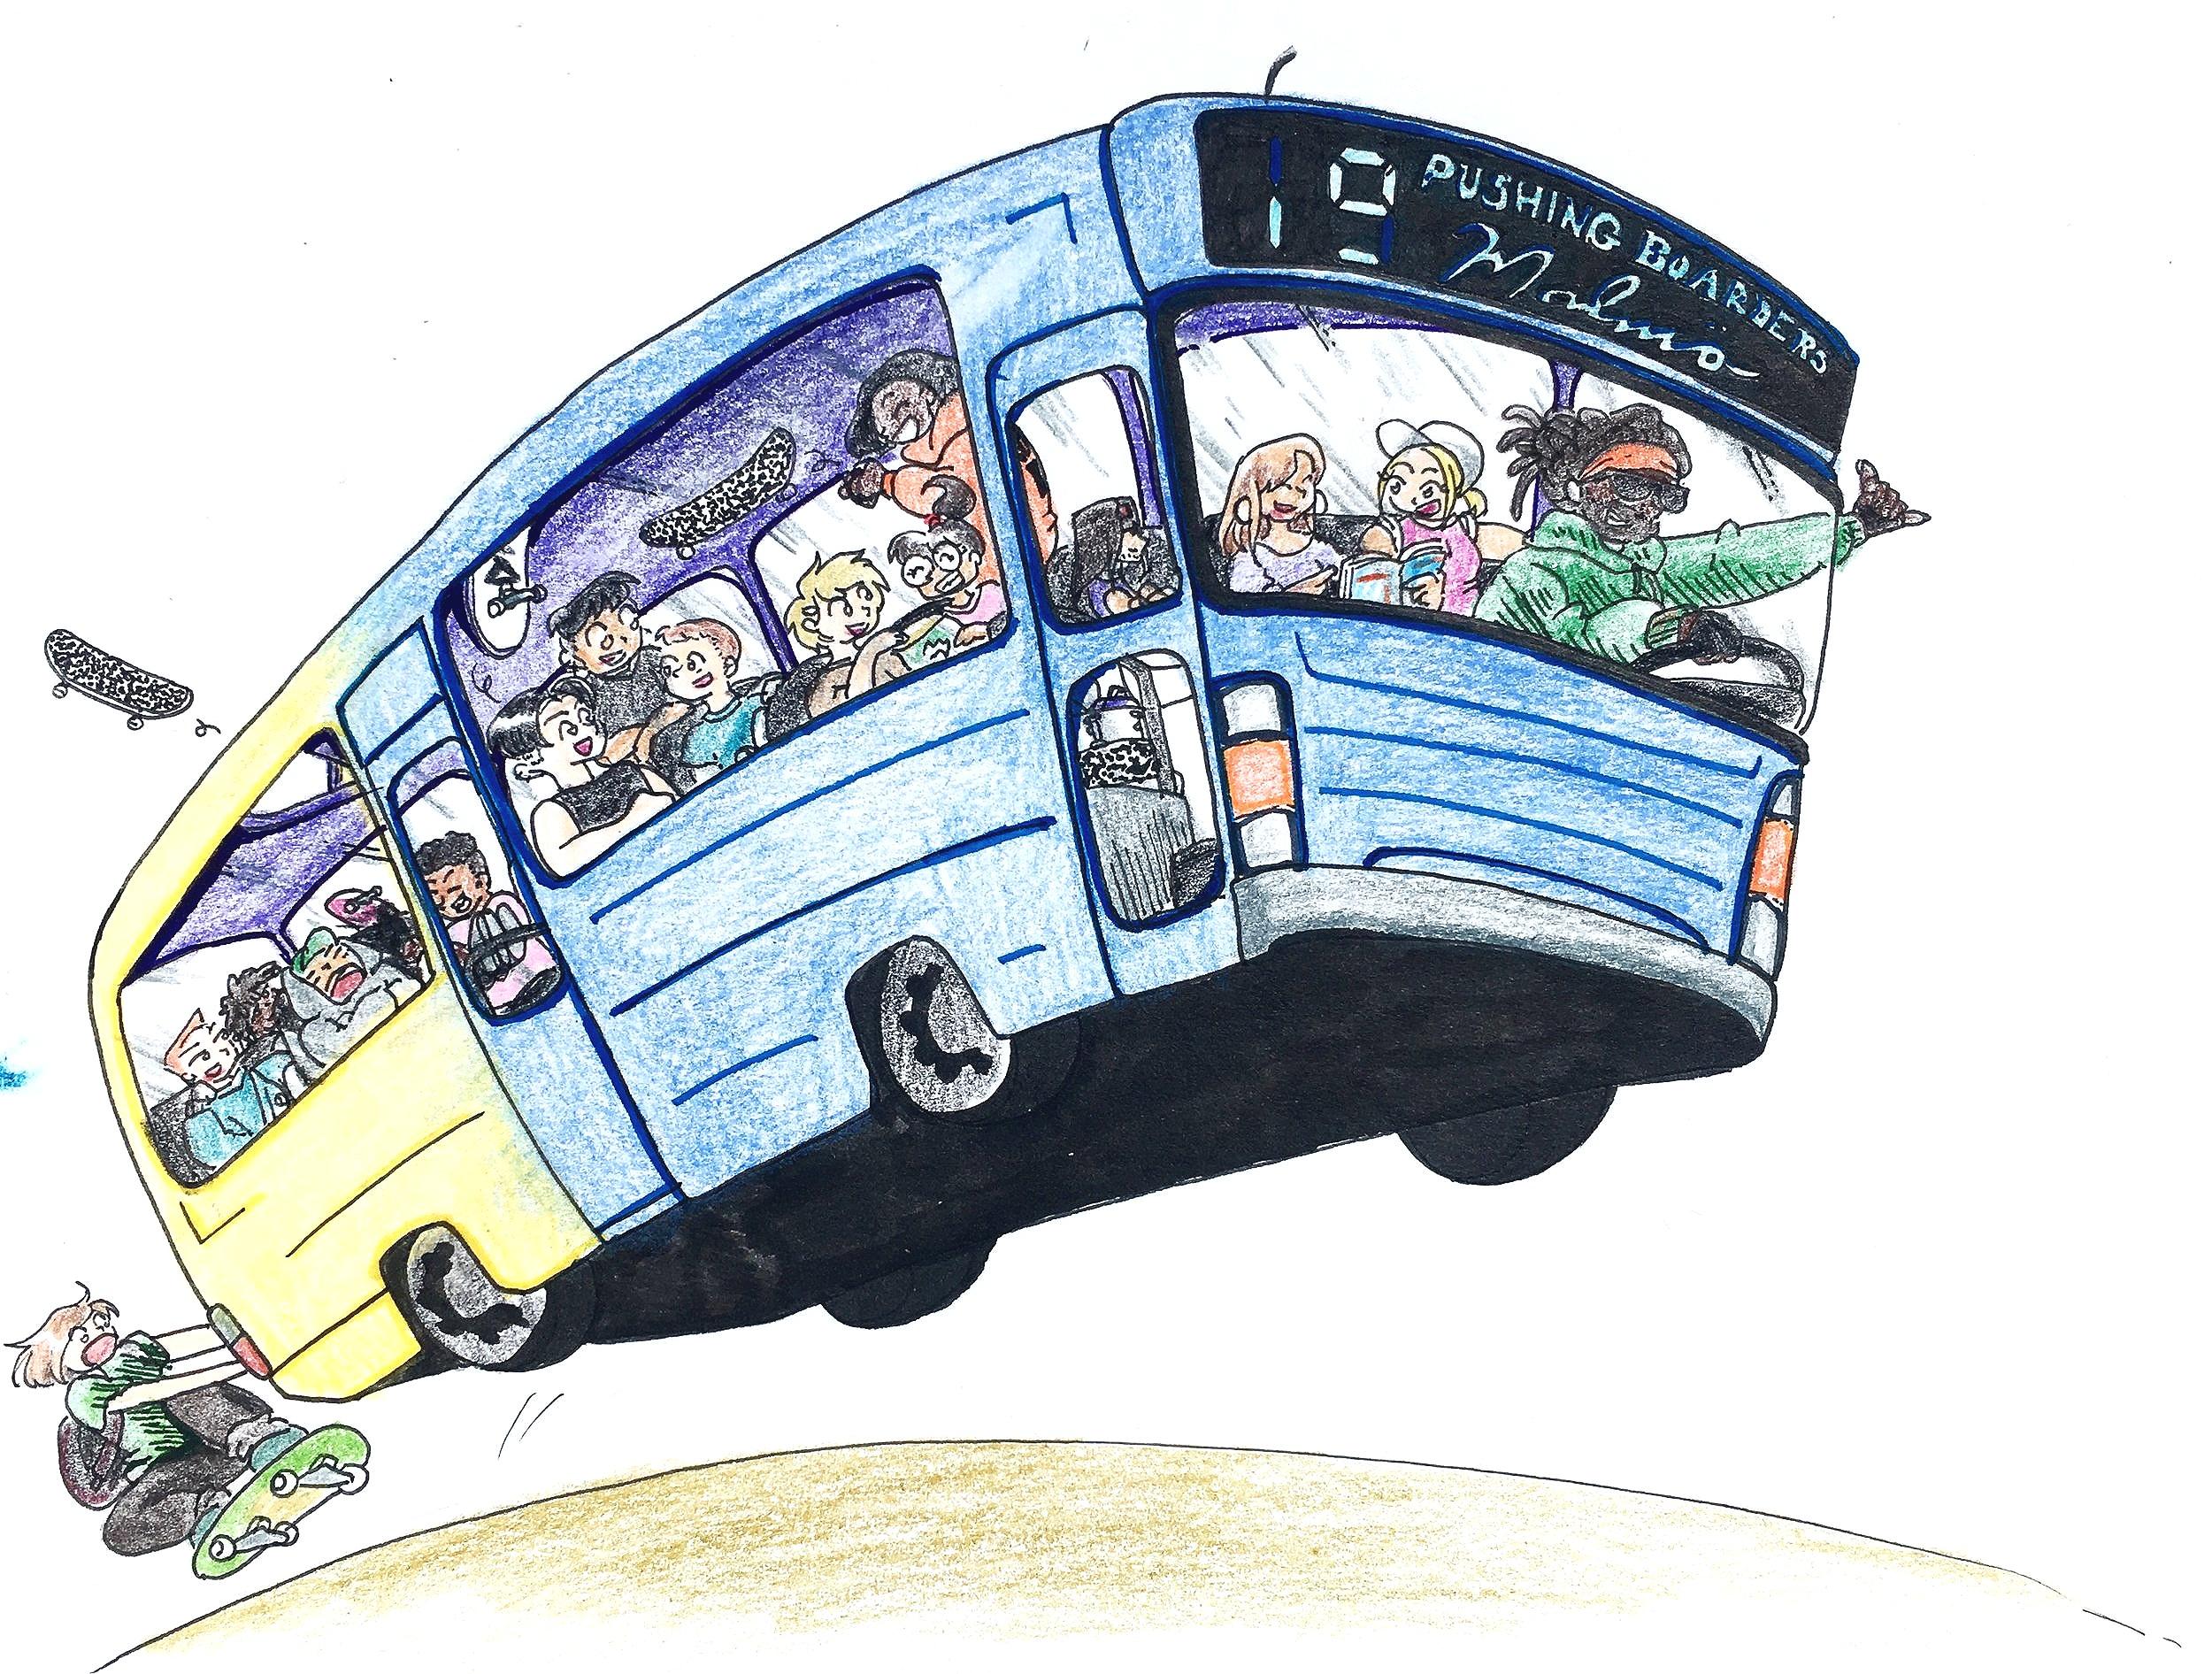 Illustration by Lizzie Heath